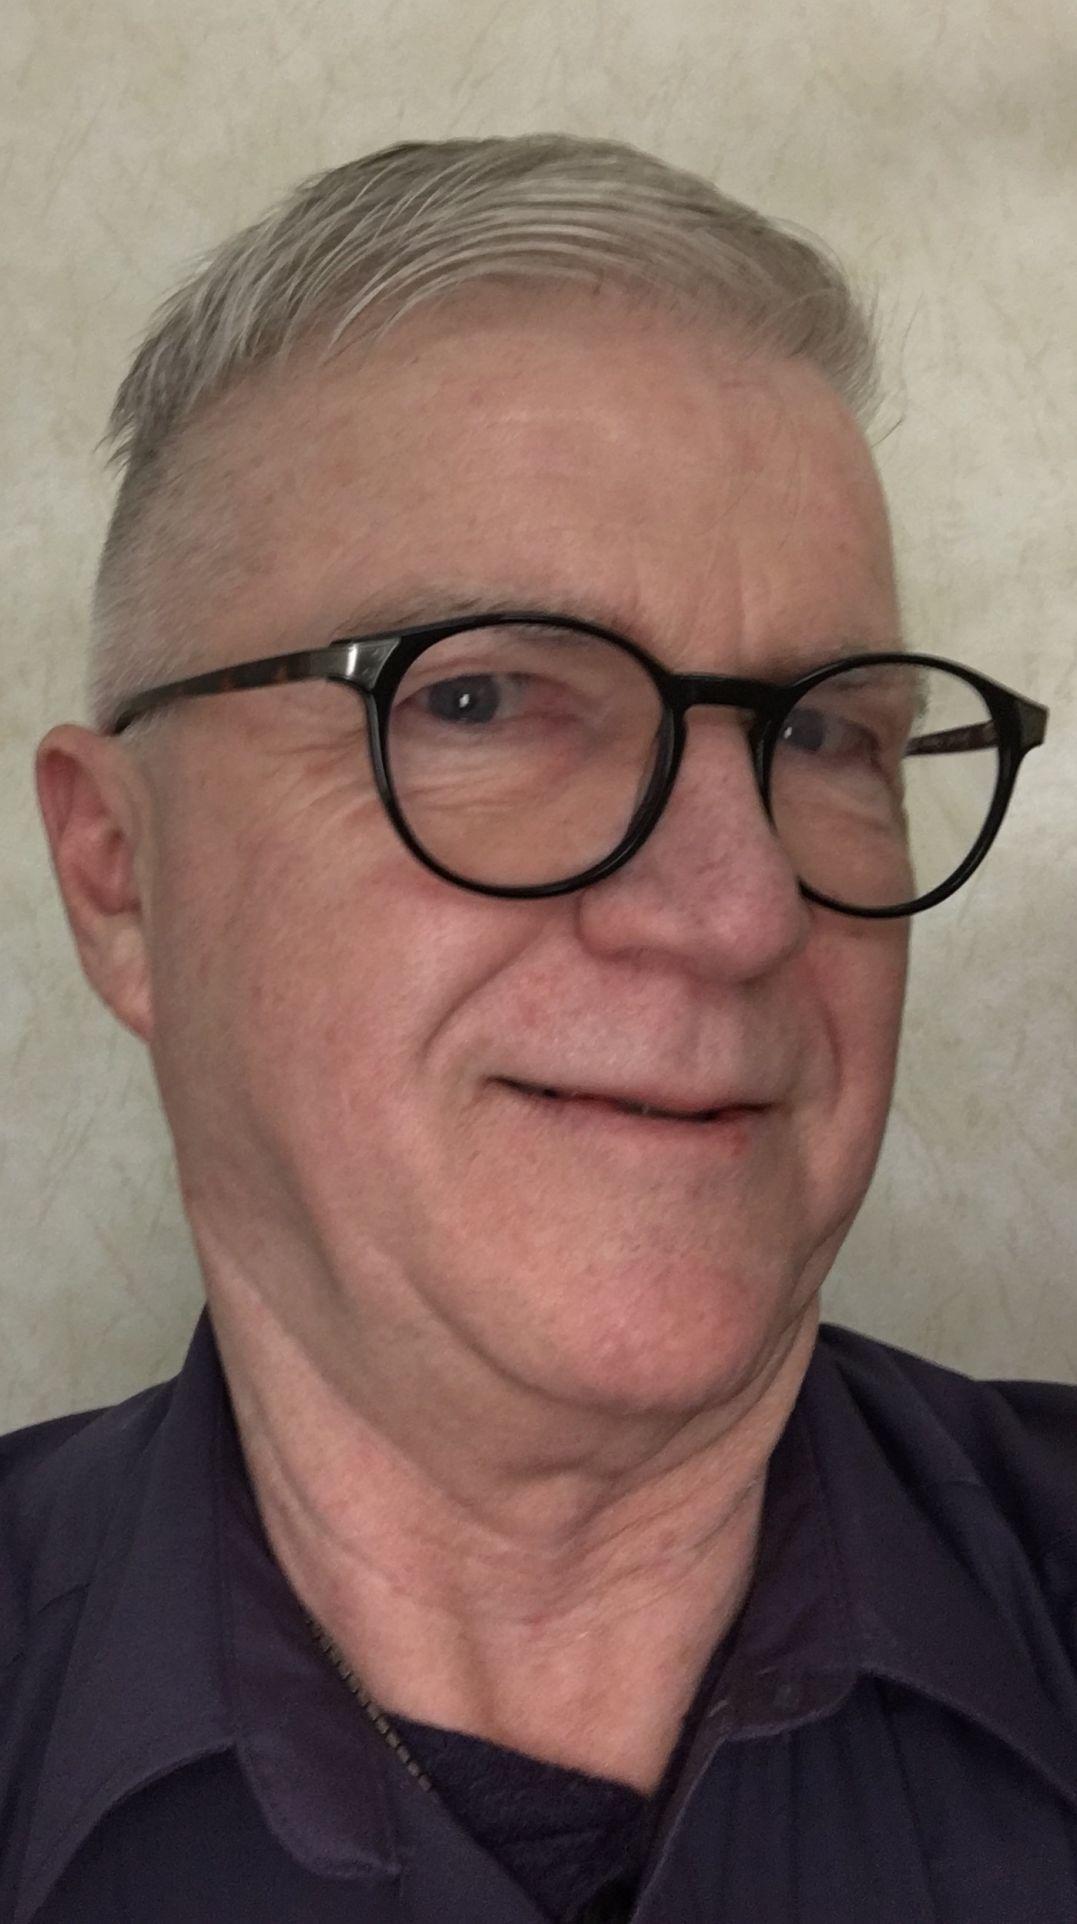 Tighe Peaky Blinders haircut